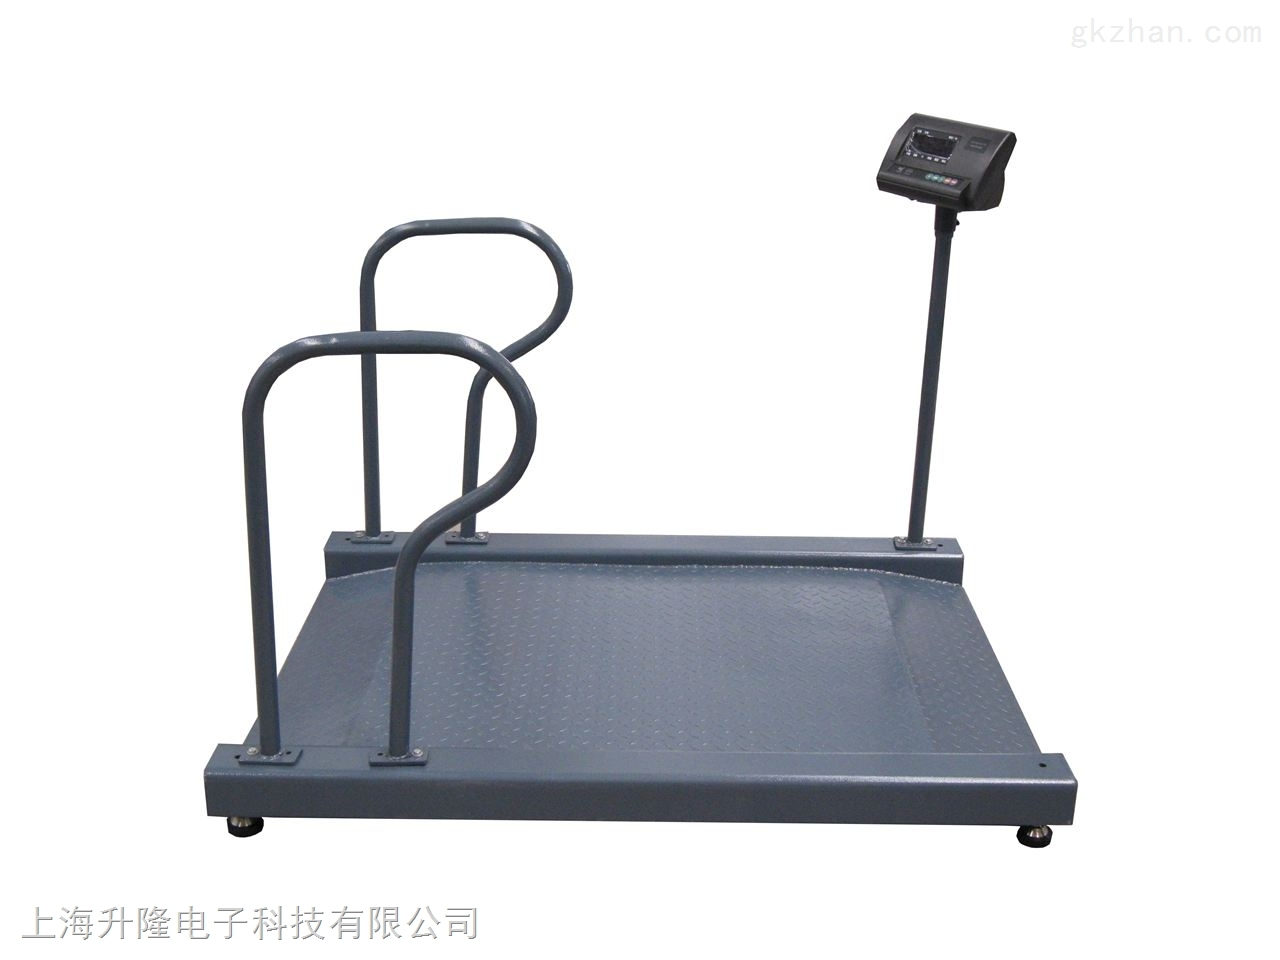 血透析轮椅称防水轮椅称,透析人体秤